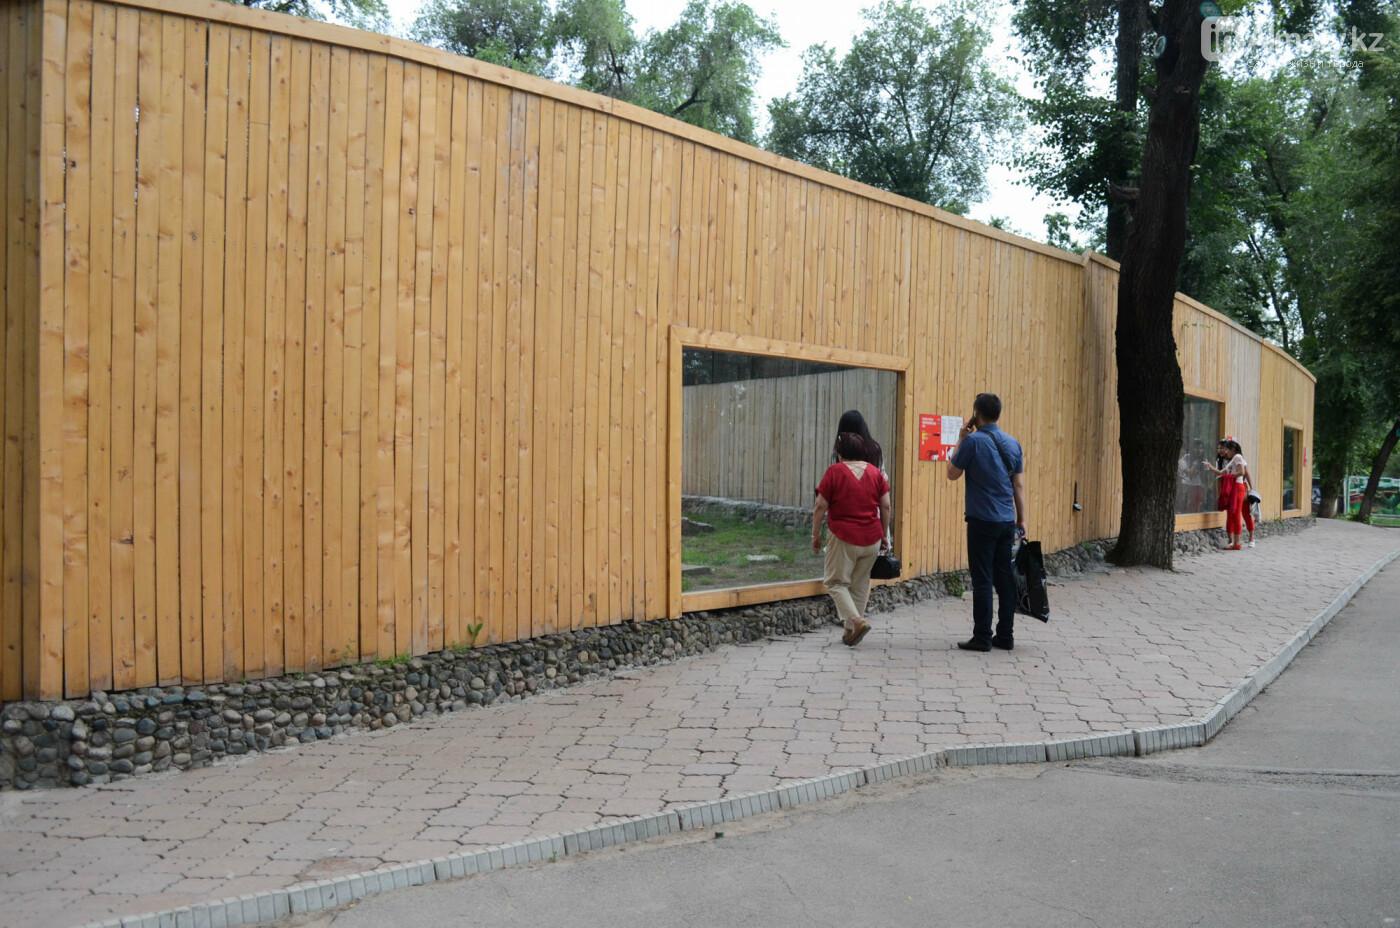 Барсы могут появиться здесь осенью: интервью нового директора Алматинского зоопарка, фото-9